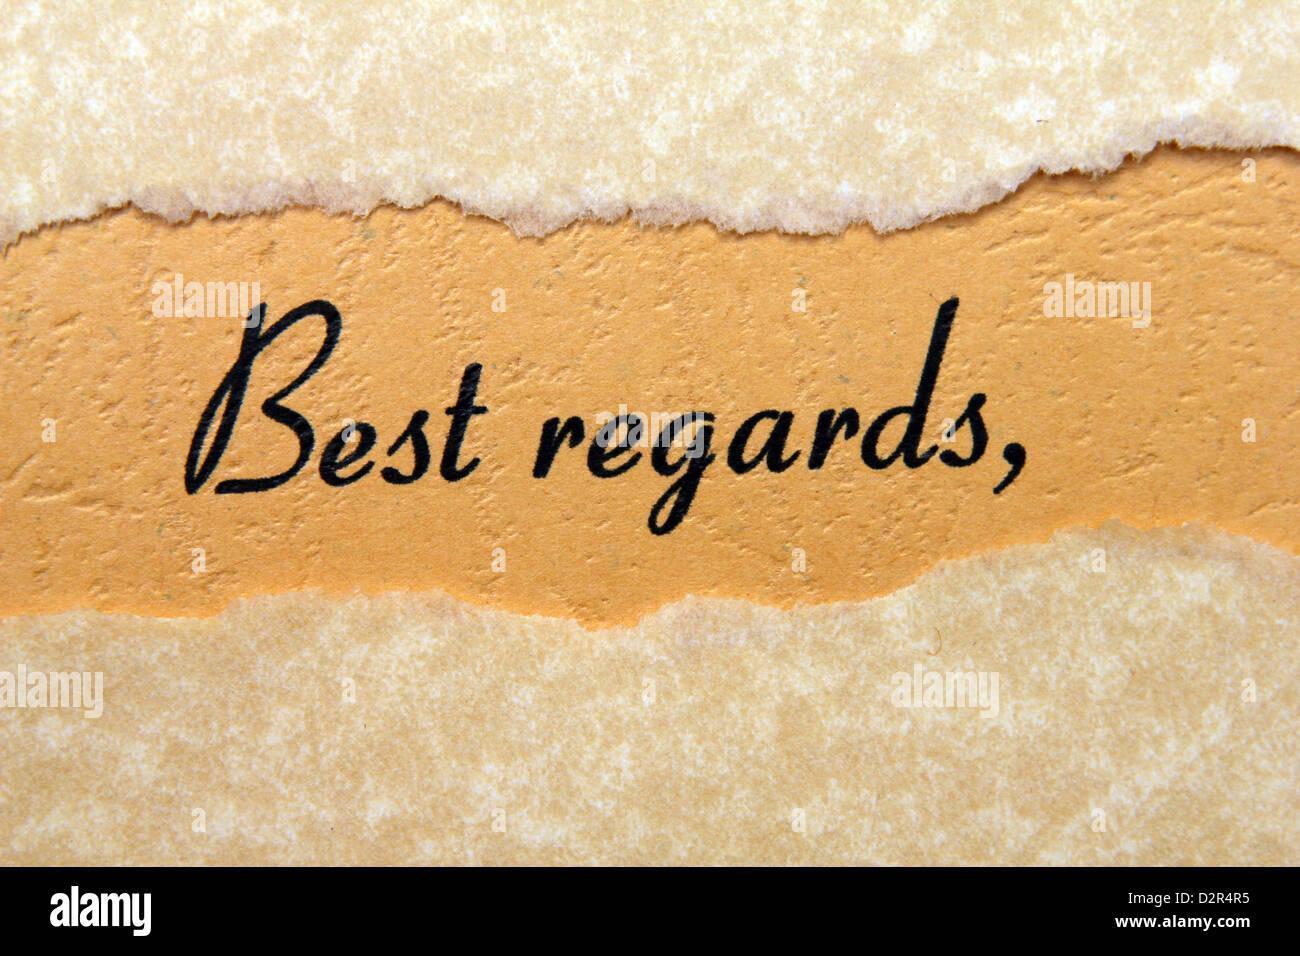 Regards best